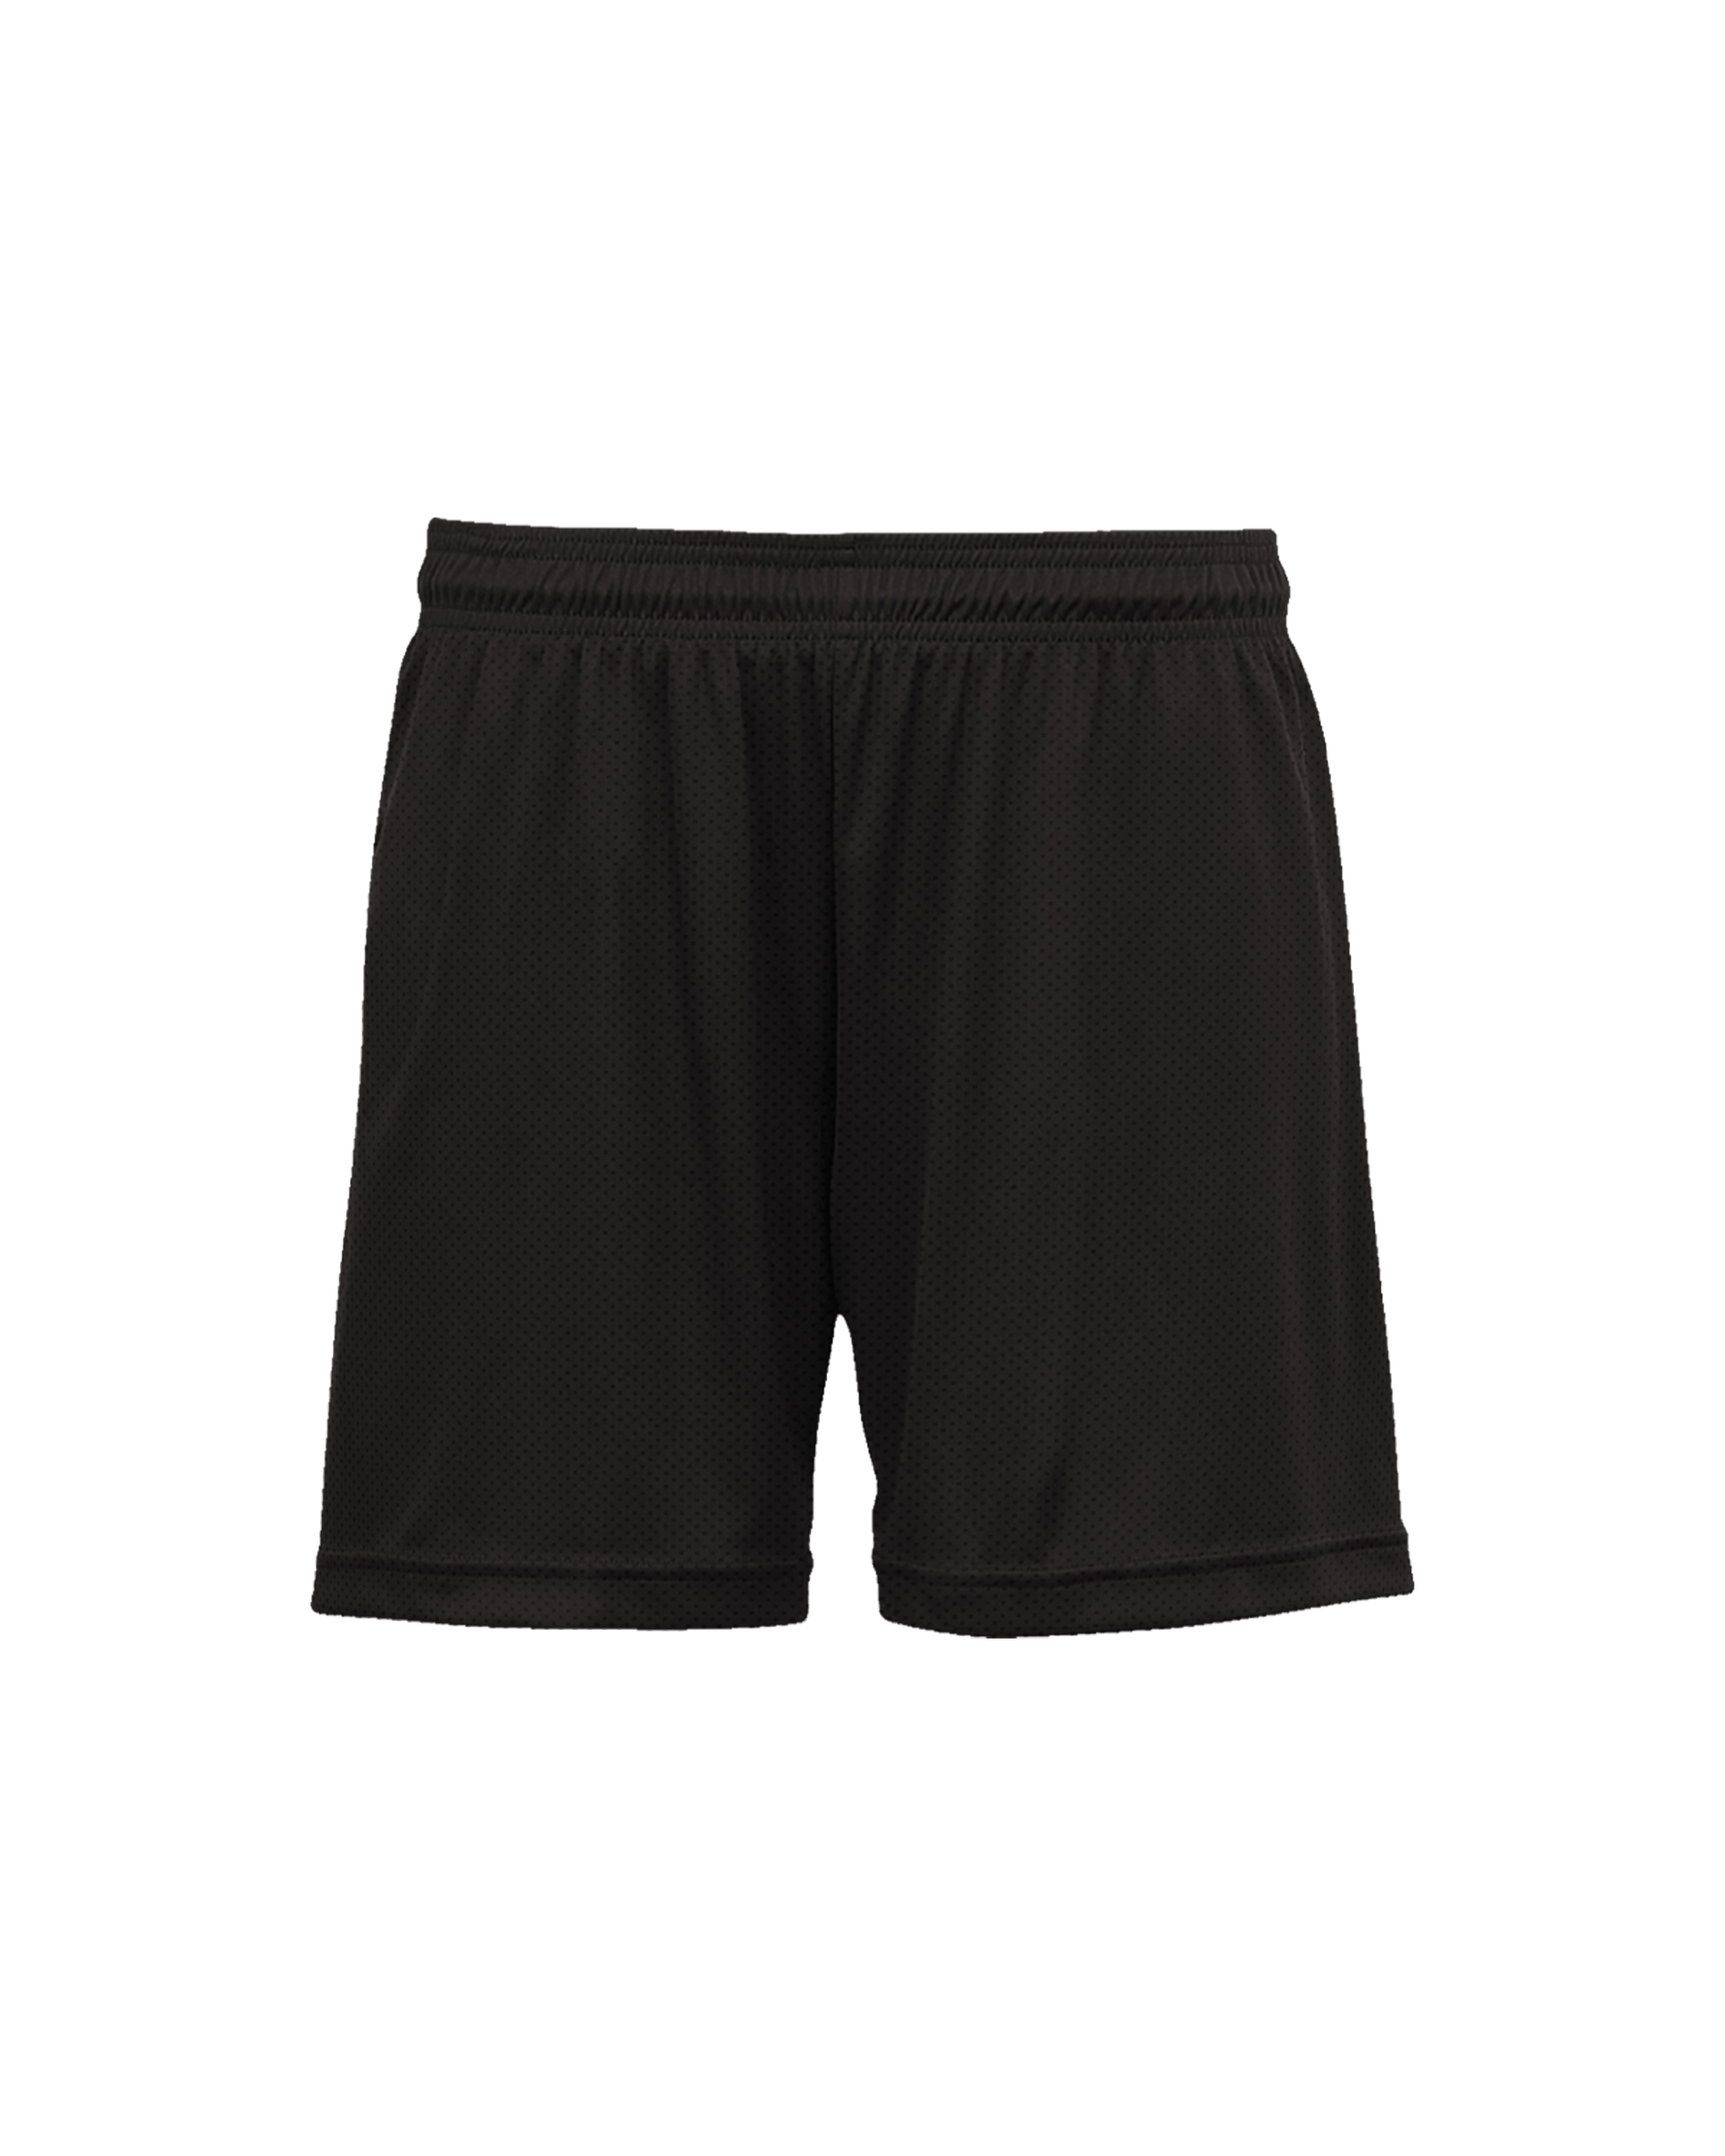 Mesh Women's Short - Black